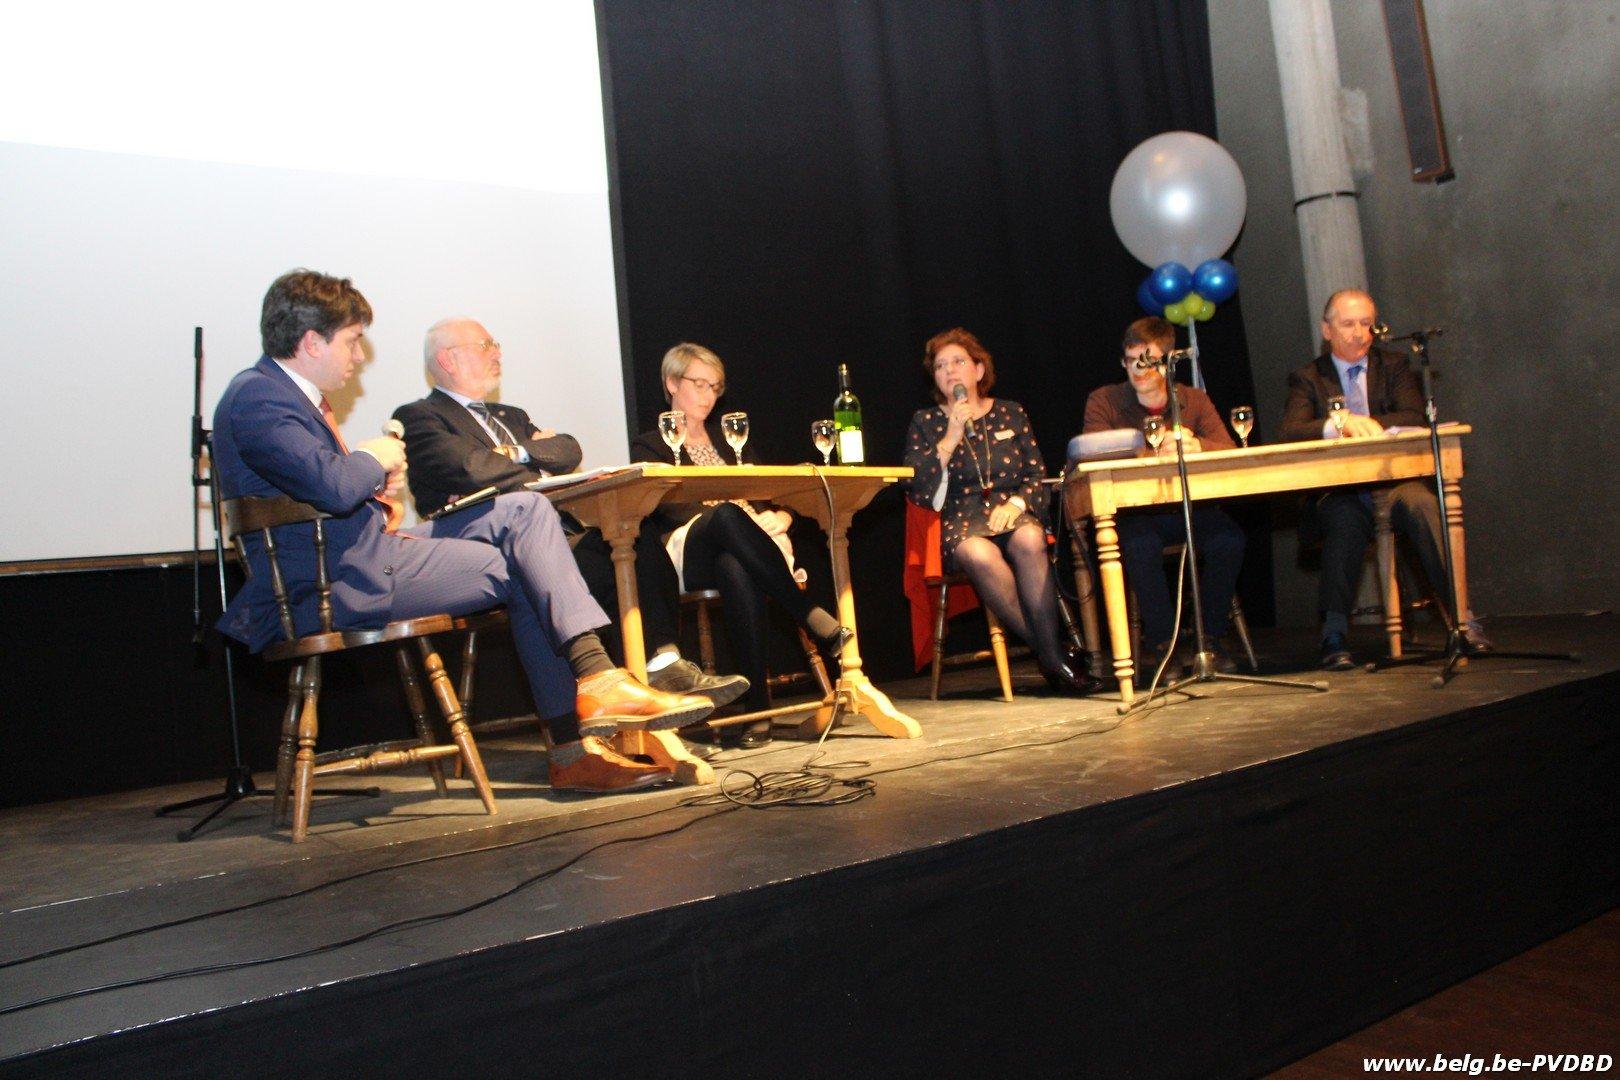 Politiek debat als nieuwjaarsreceptie DUO - IMG 6022